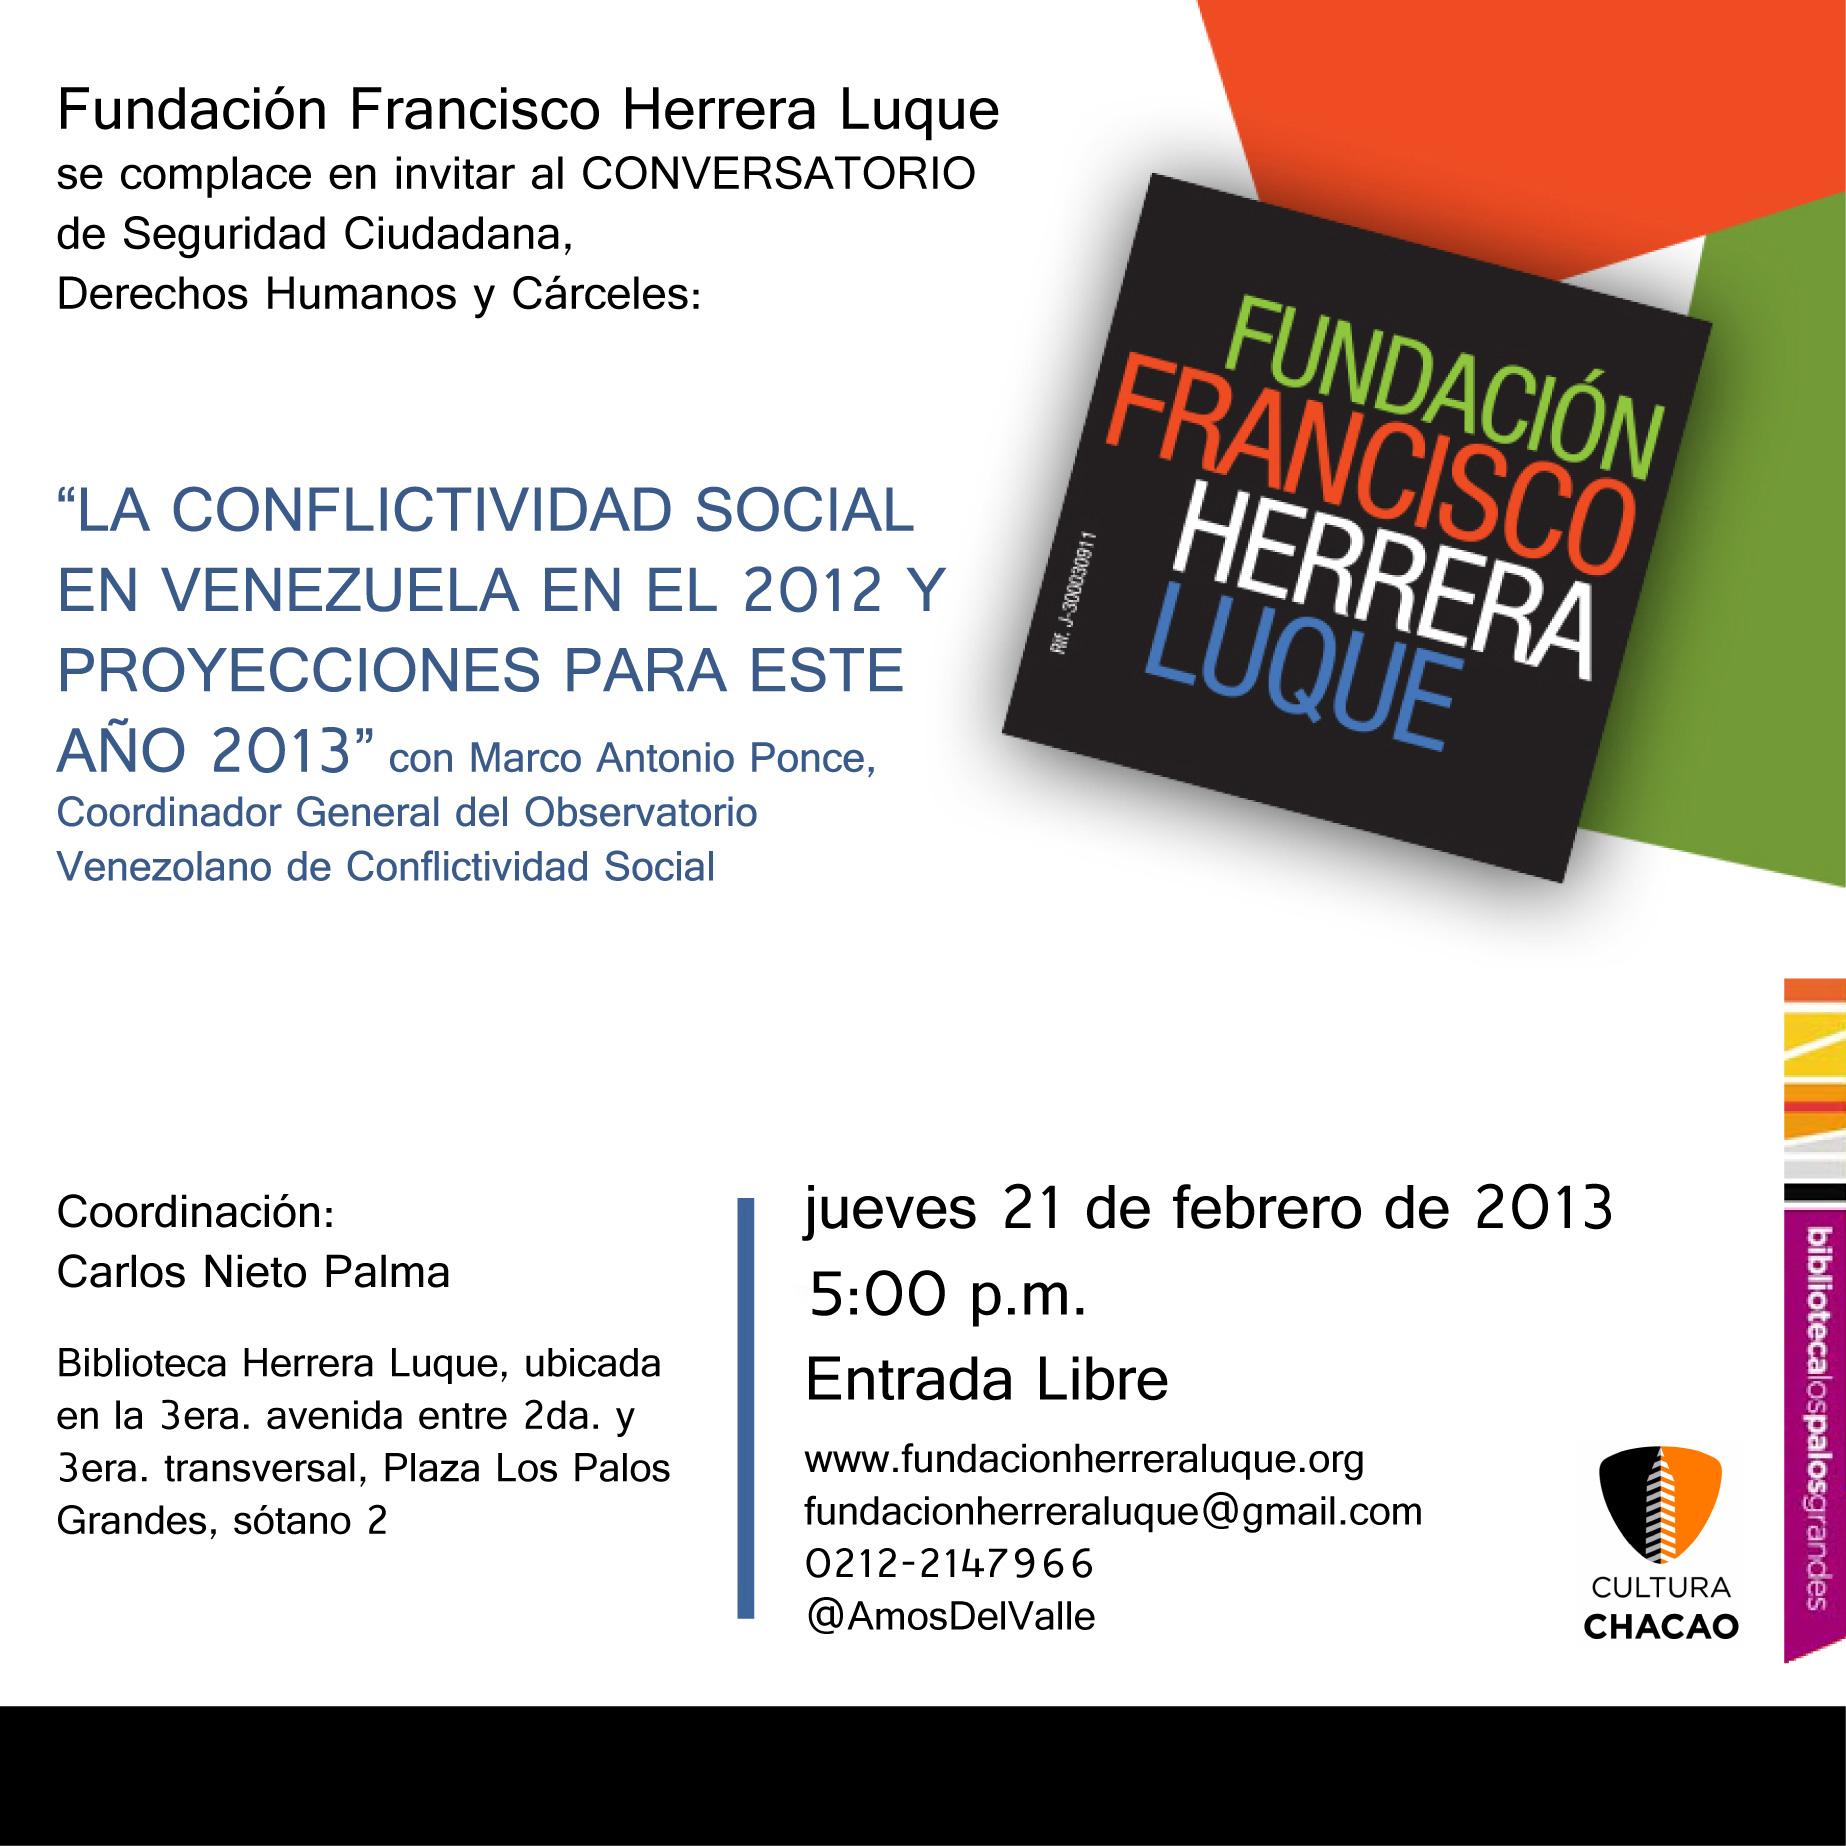 Conversatorio de Derechos Humanos: CONFLICTIVIDAD SOCIAL EN VENEZUELA